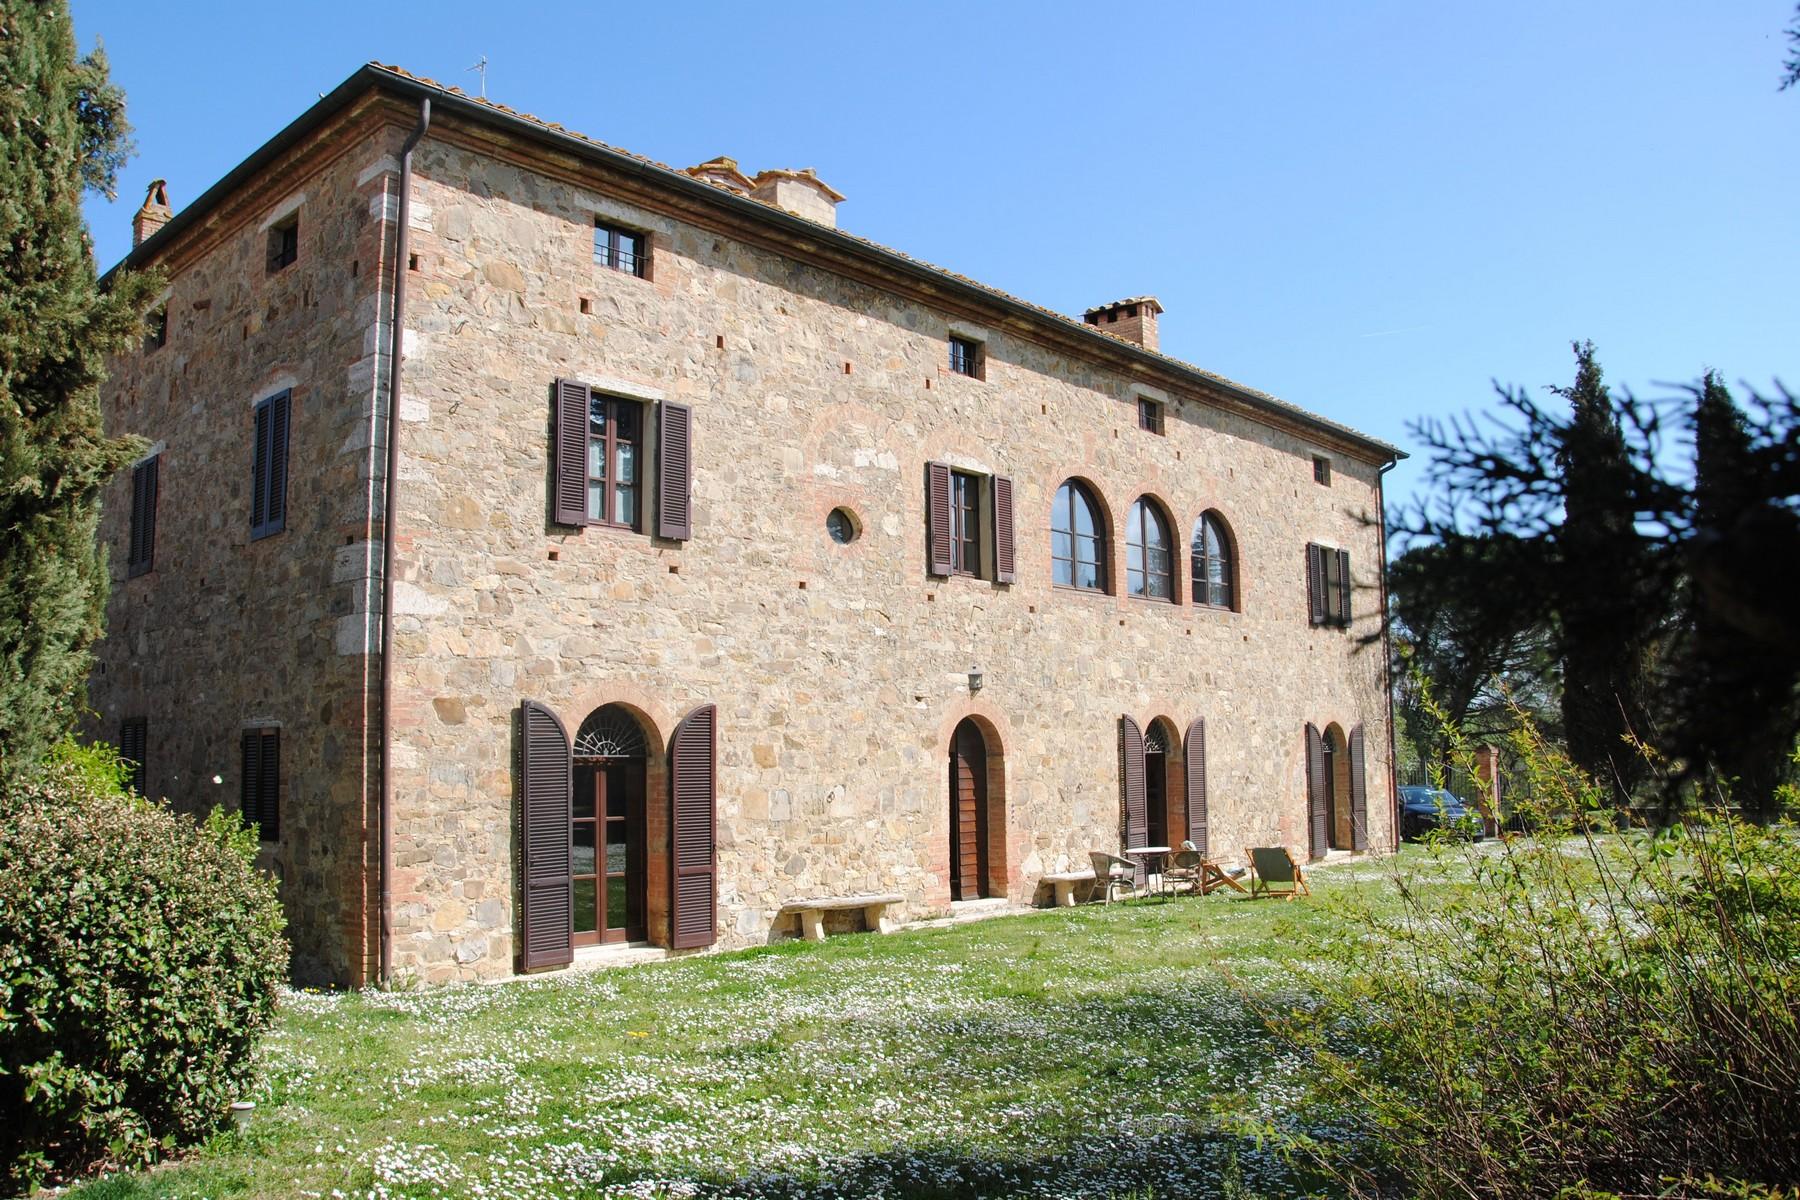 Rustico in Vendita a Montalcino: 5 locali, 900 mq - Foto 4